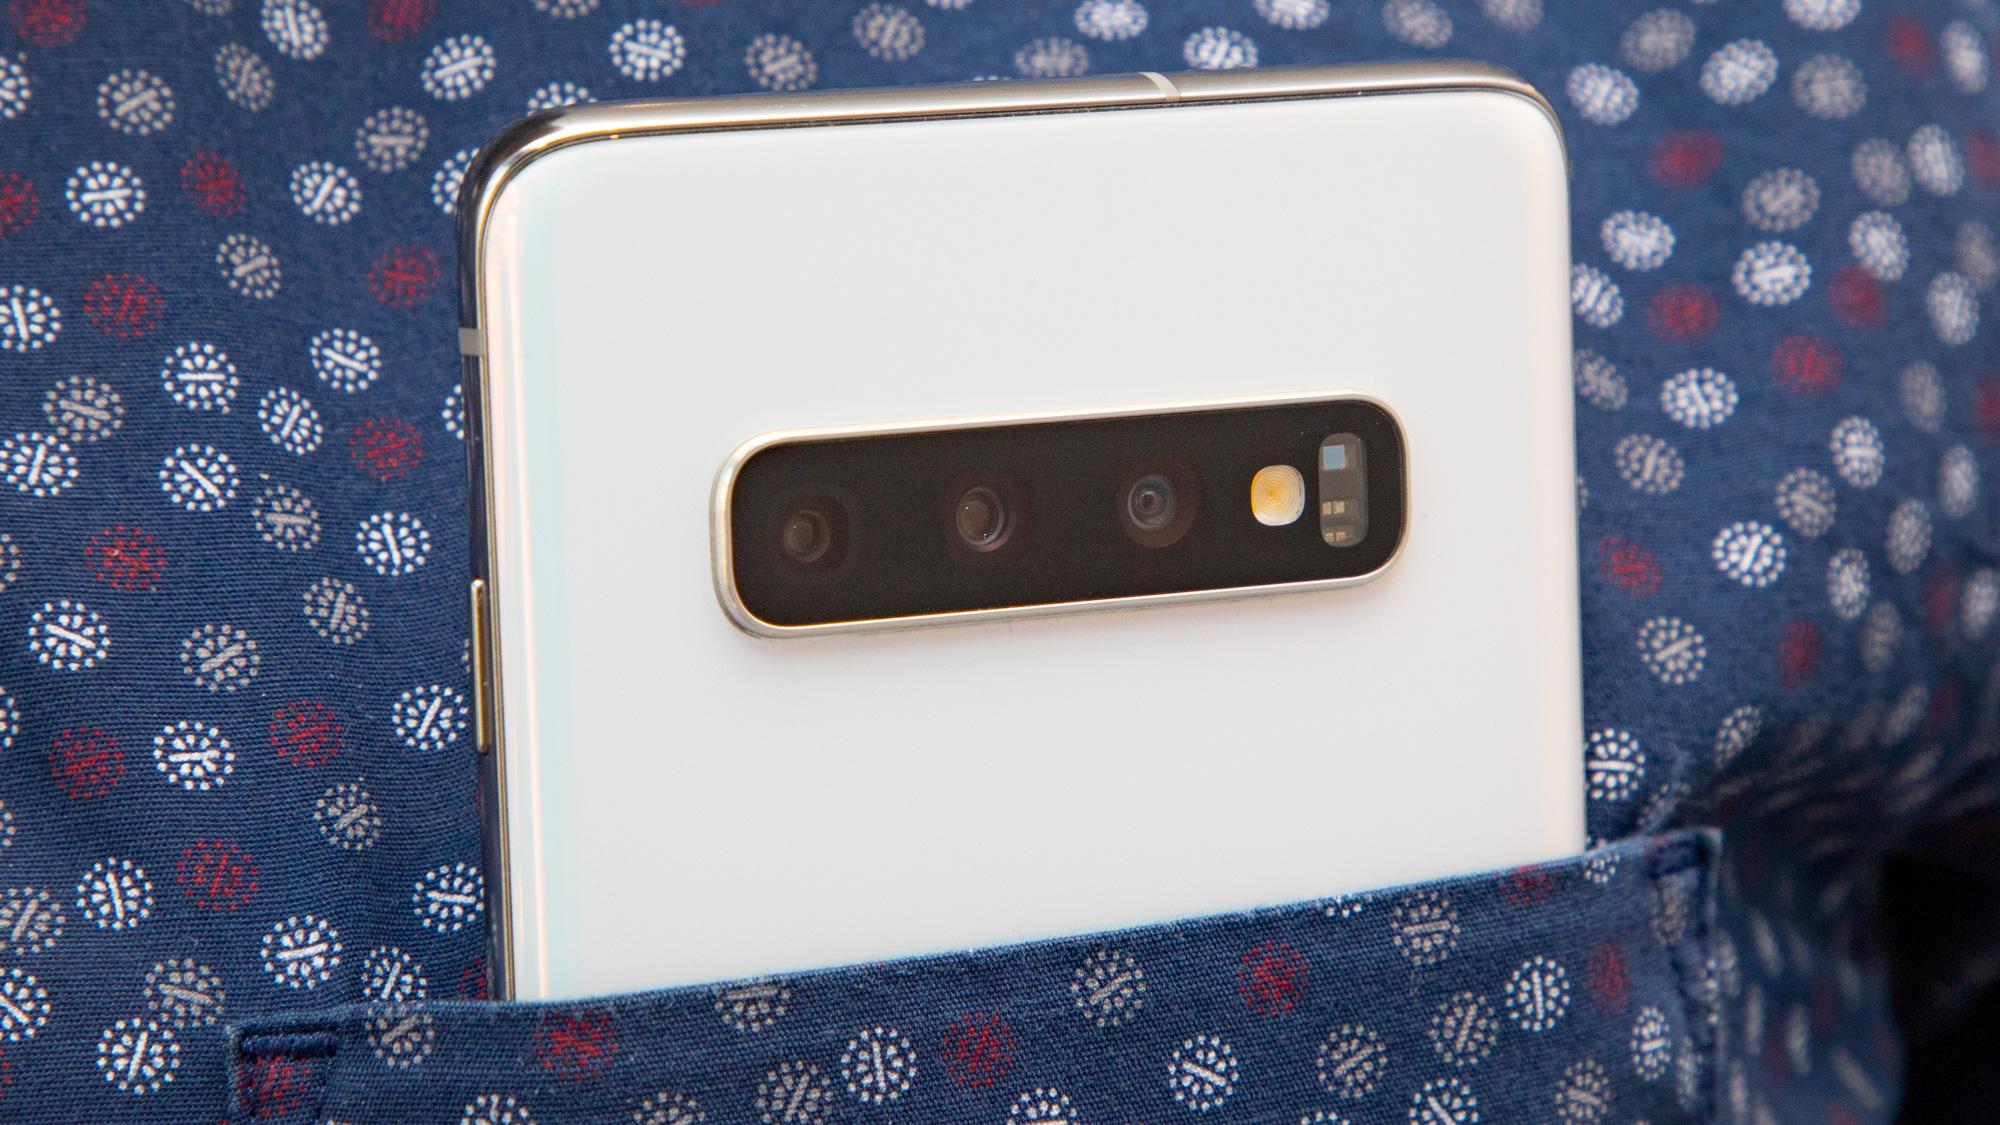 Samsung Galaxy S10 cameras